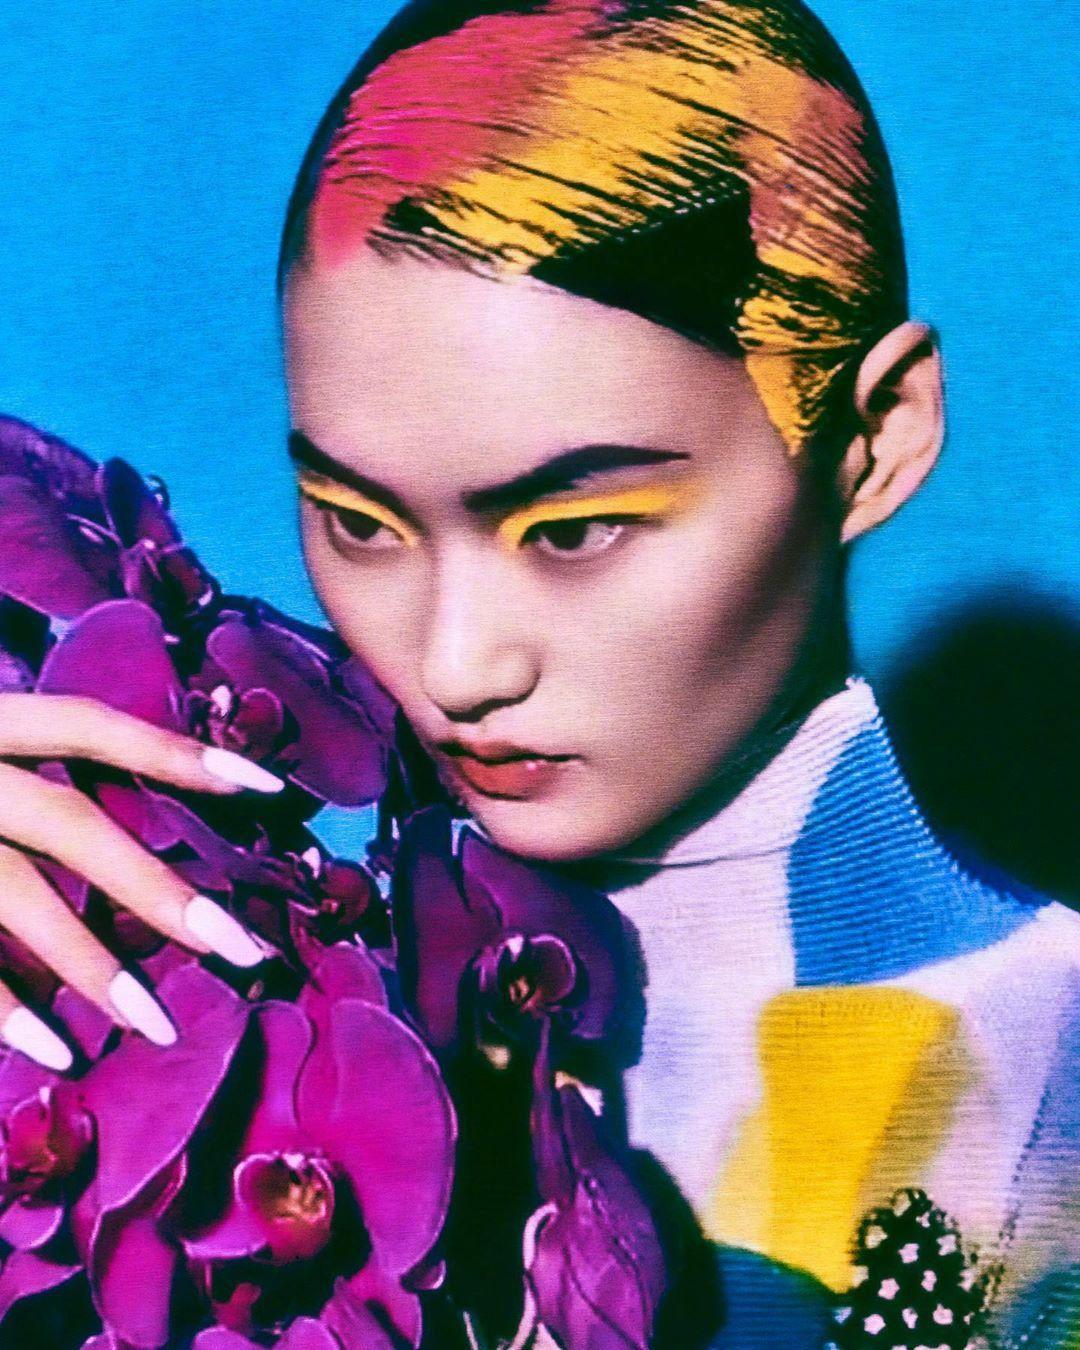 摄影师Elizaveta Porodina镜头里的贺聪 《Vogue服饰与美容》内页大